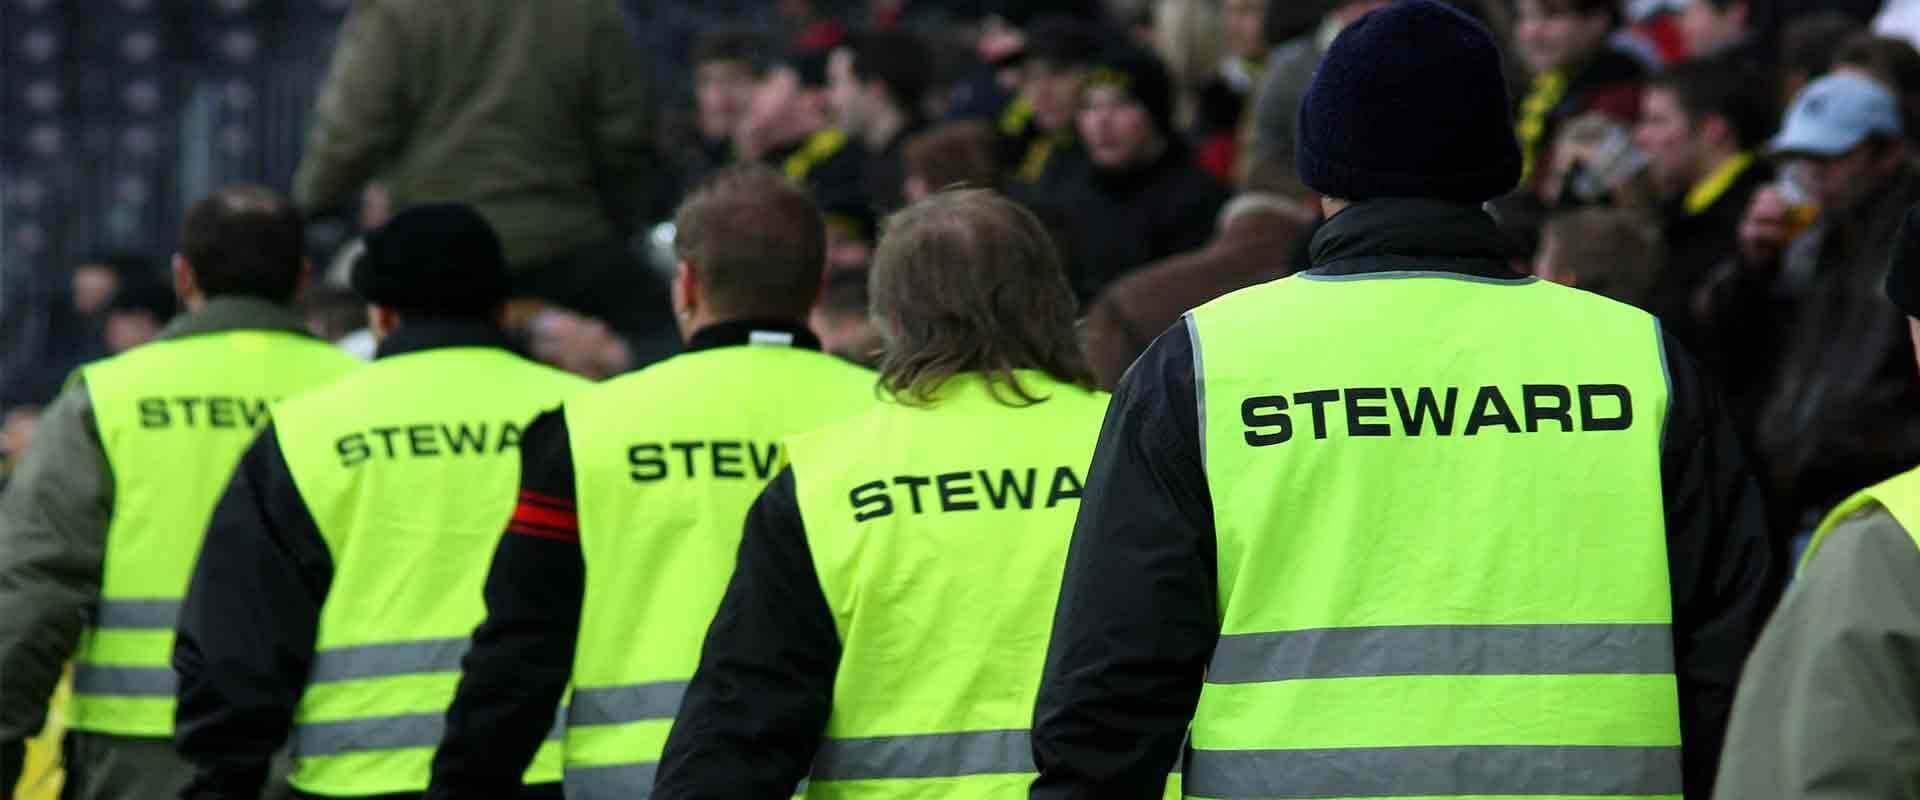 Stewards: gestioni eventi e manifestazioni